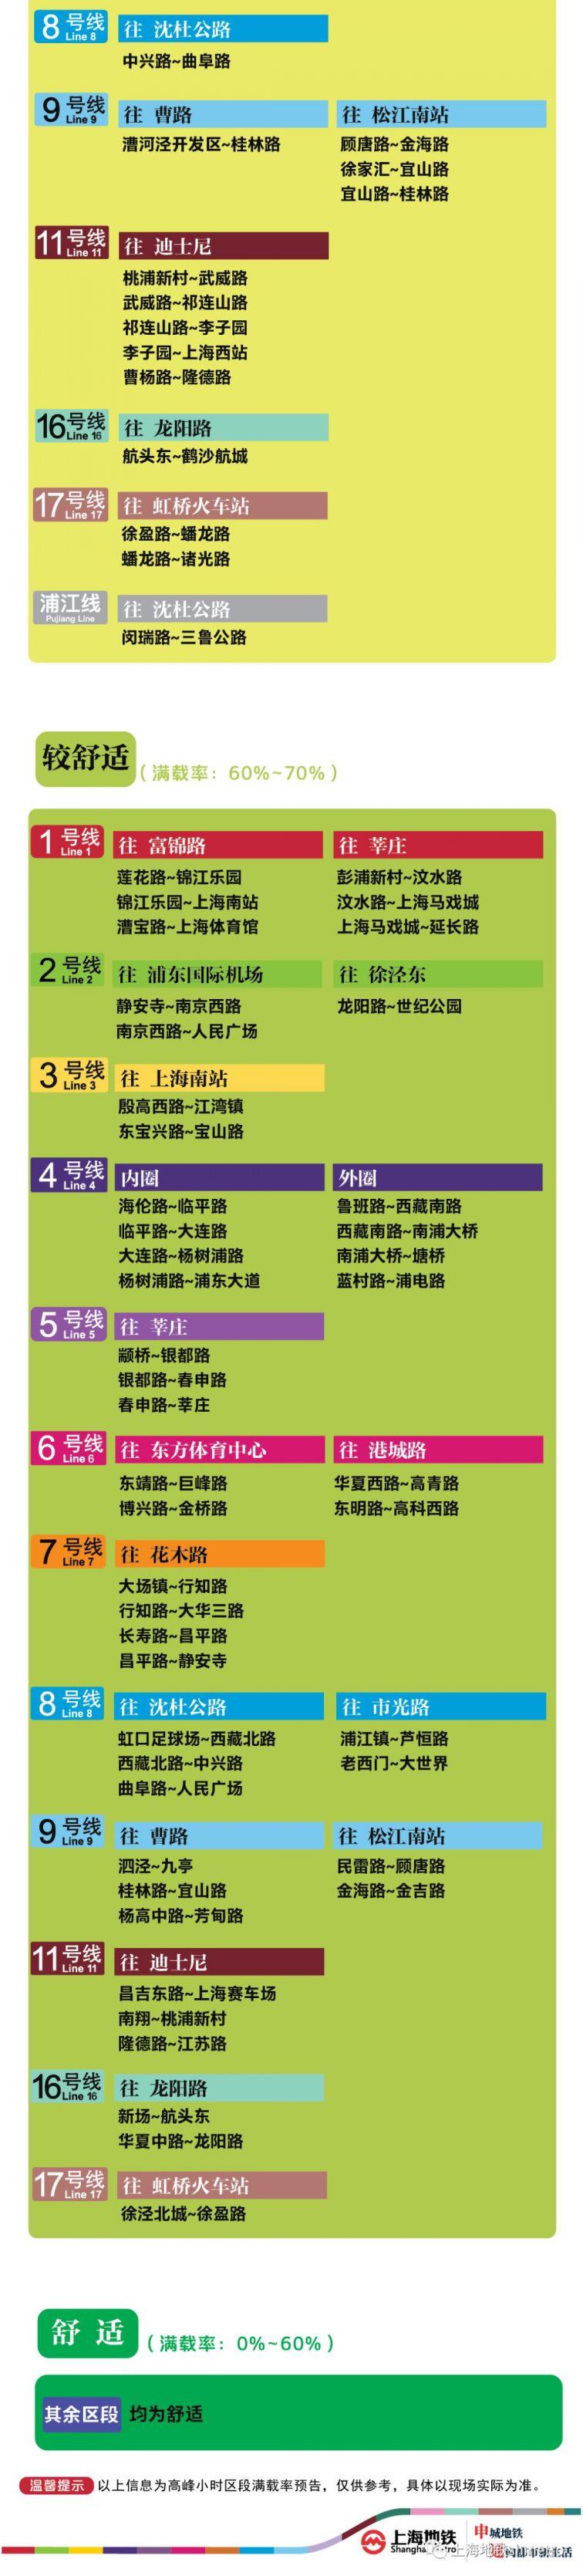 8月7上海11座地鐵站早高峰限流(附舒適度預告)